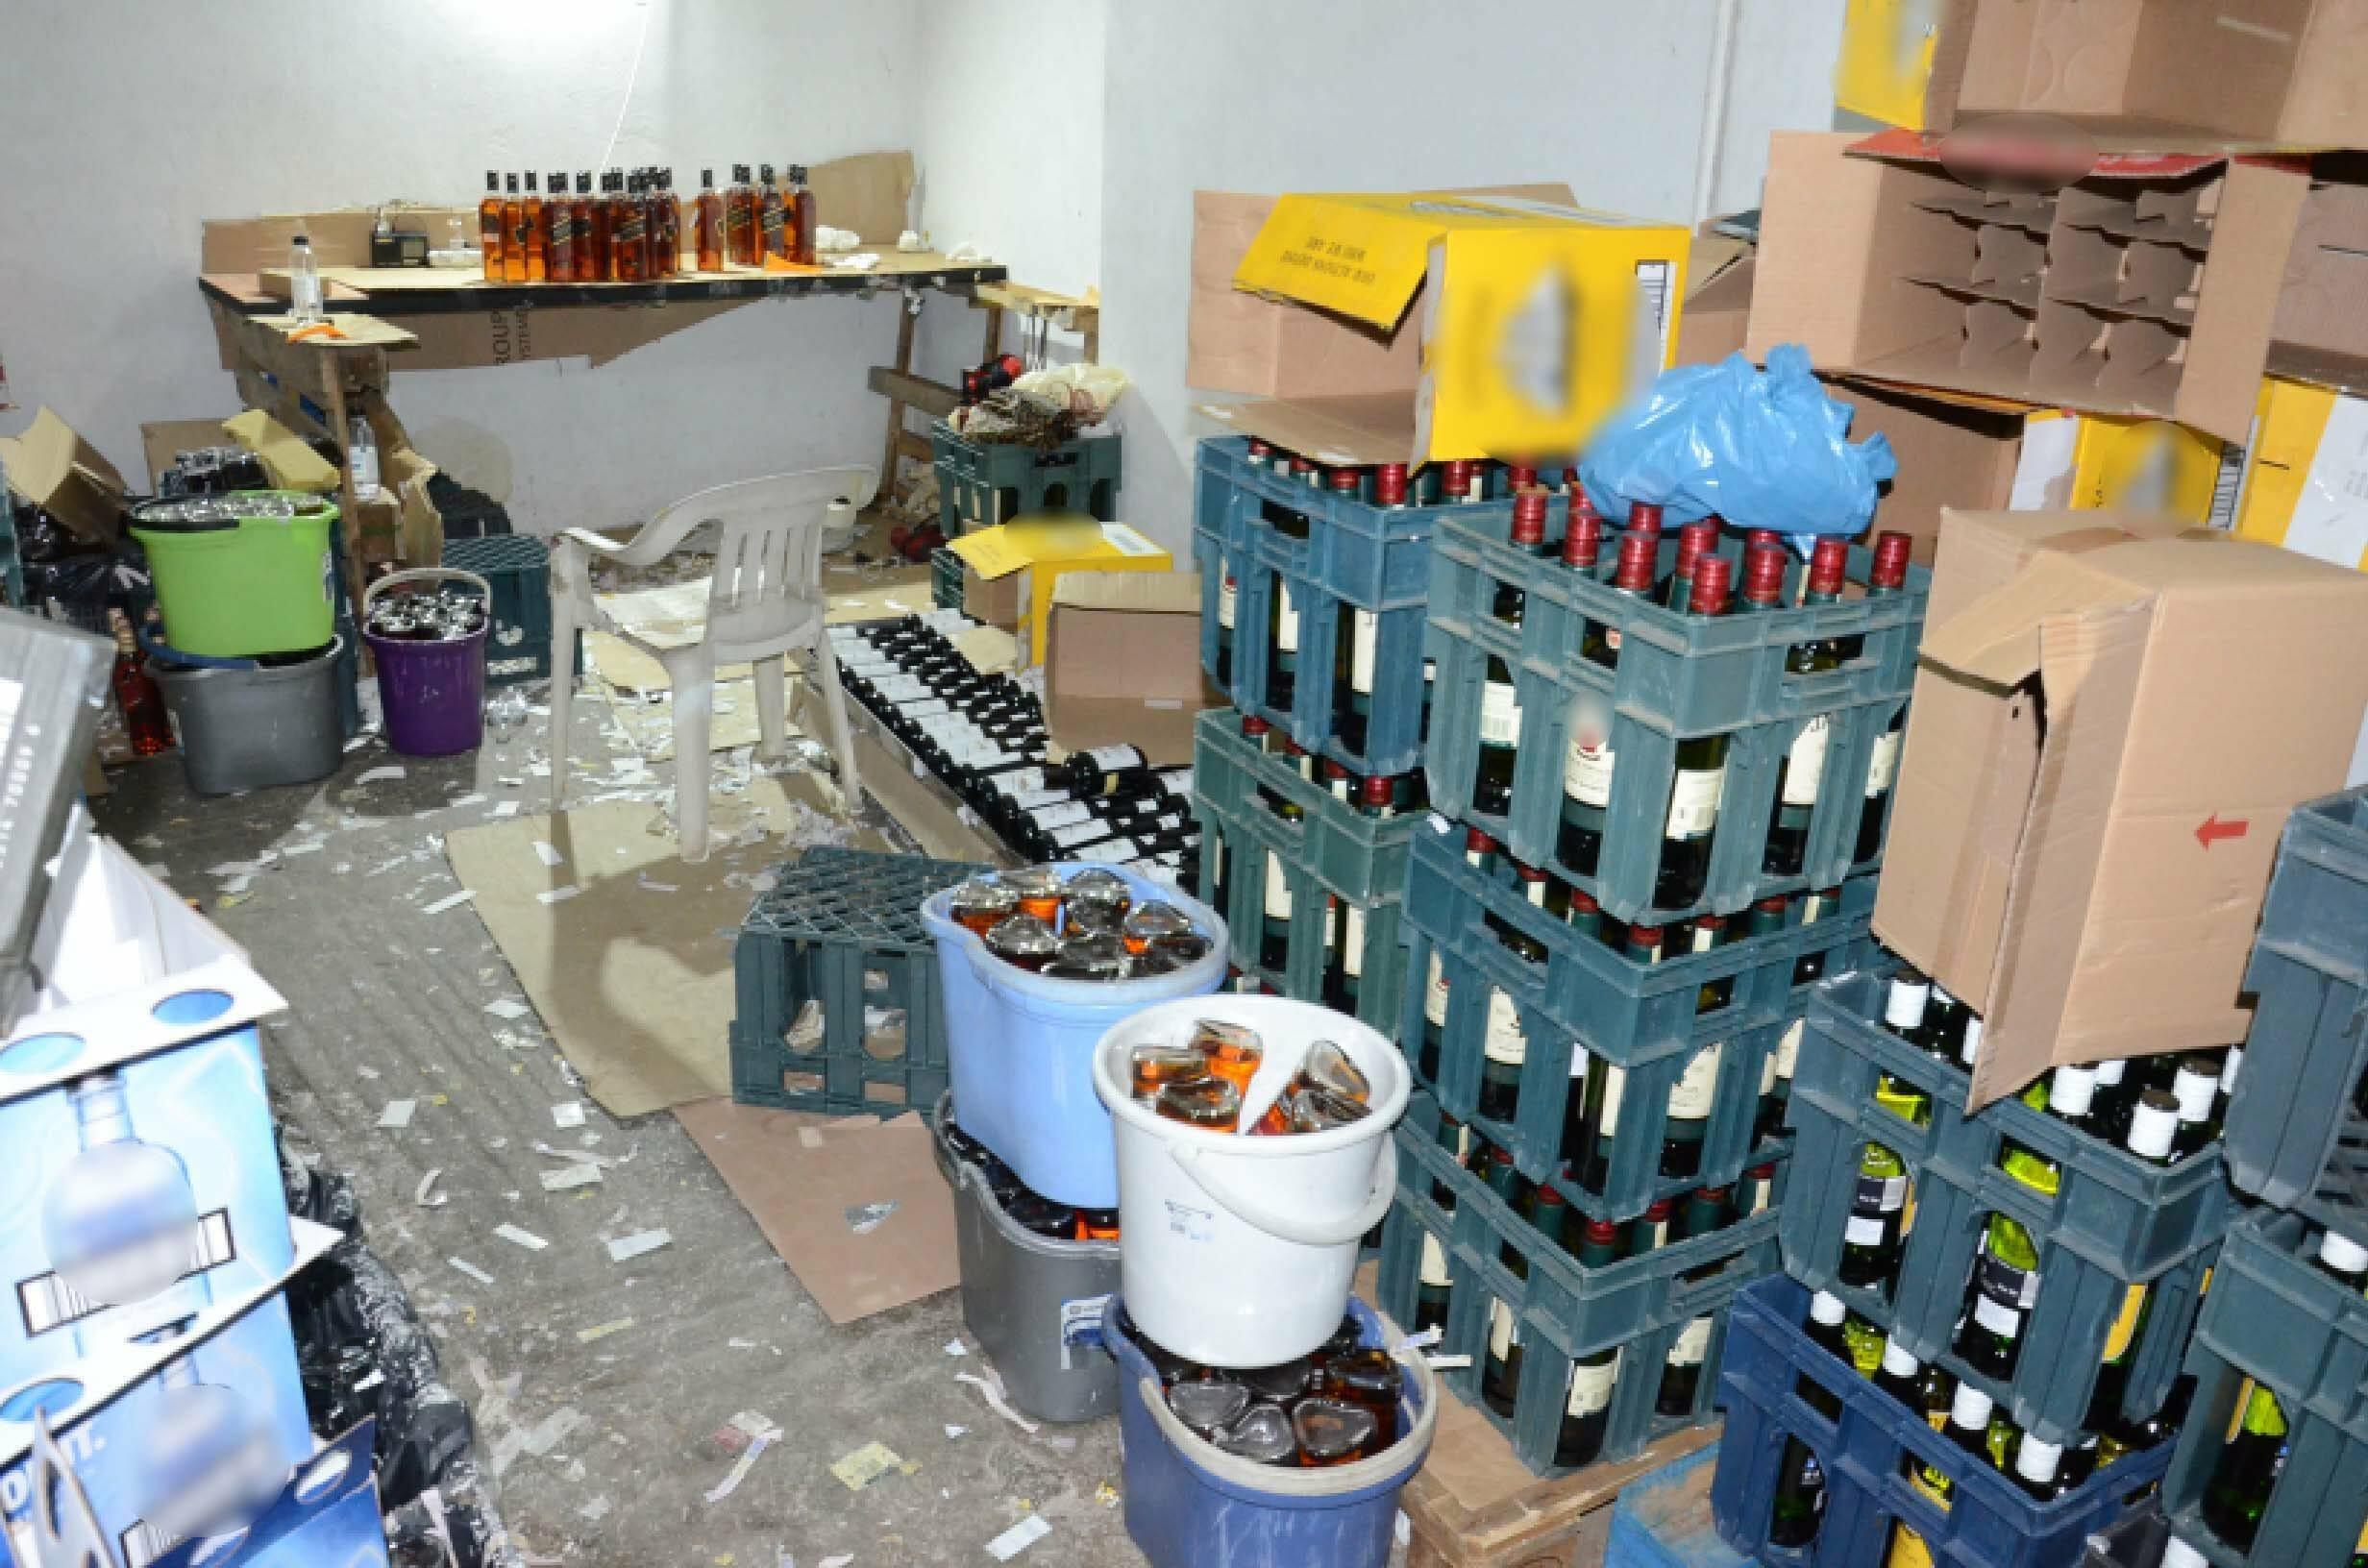 Έφτιαχναν ποτά μπόμπες σε Παγκράτι και Βύρωνα [pics, video]